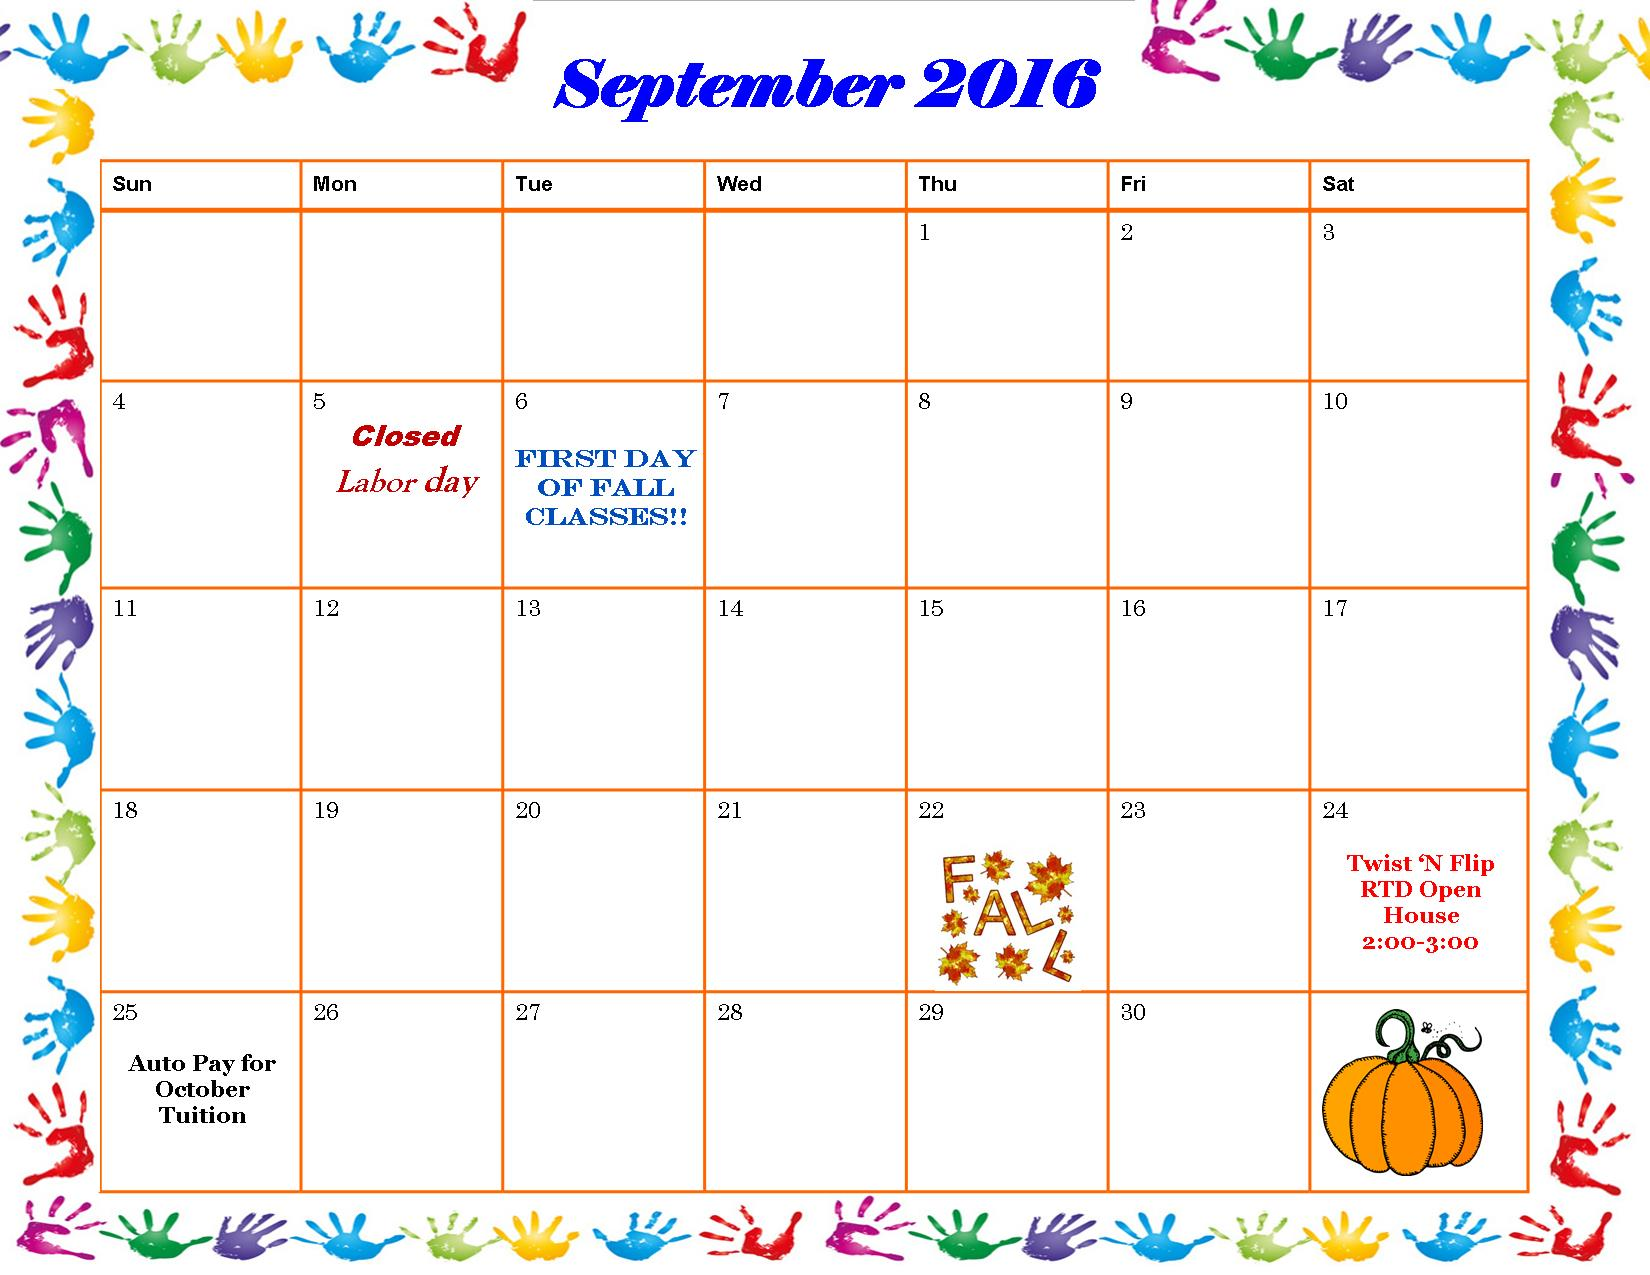 Schenectady Gymnastics Schedule September 2016